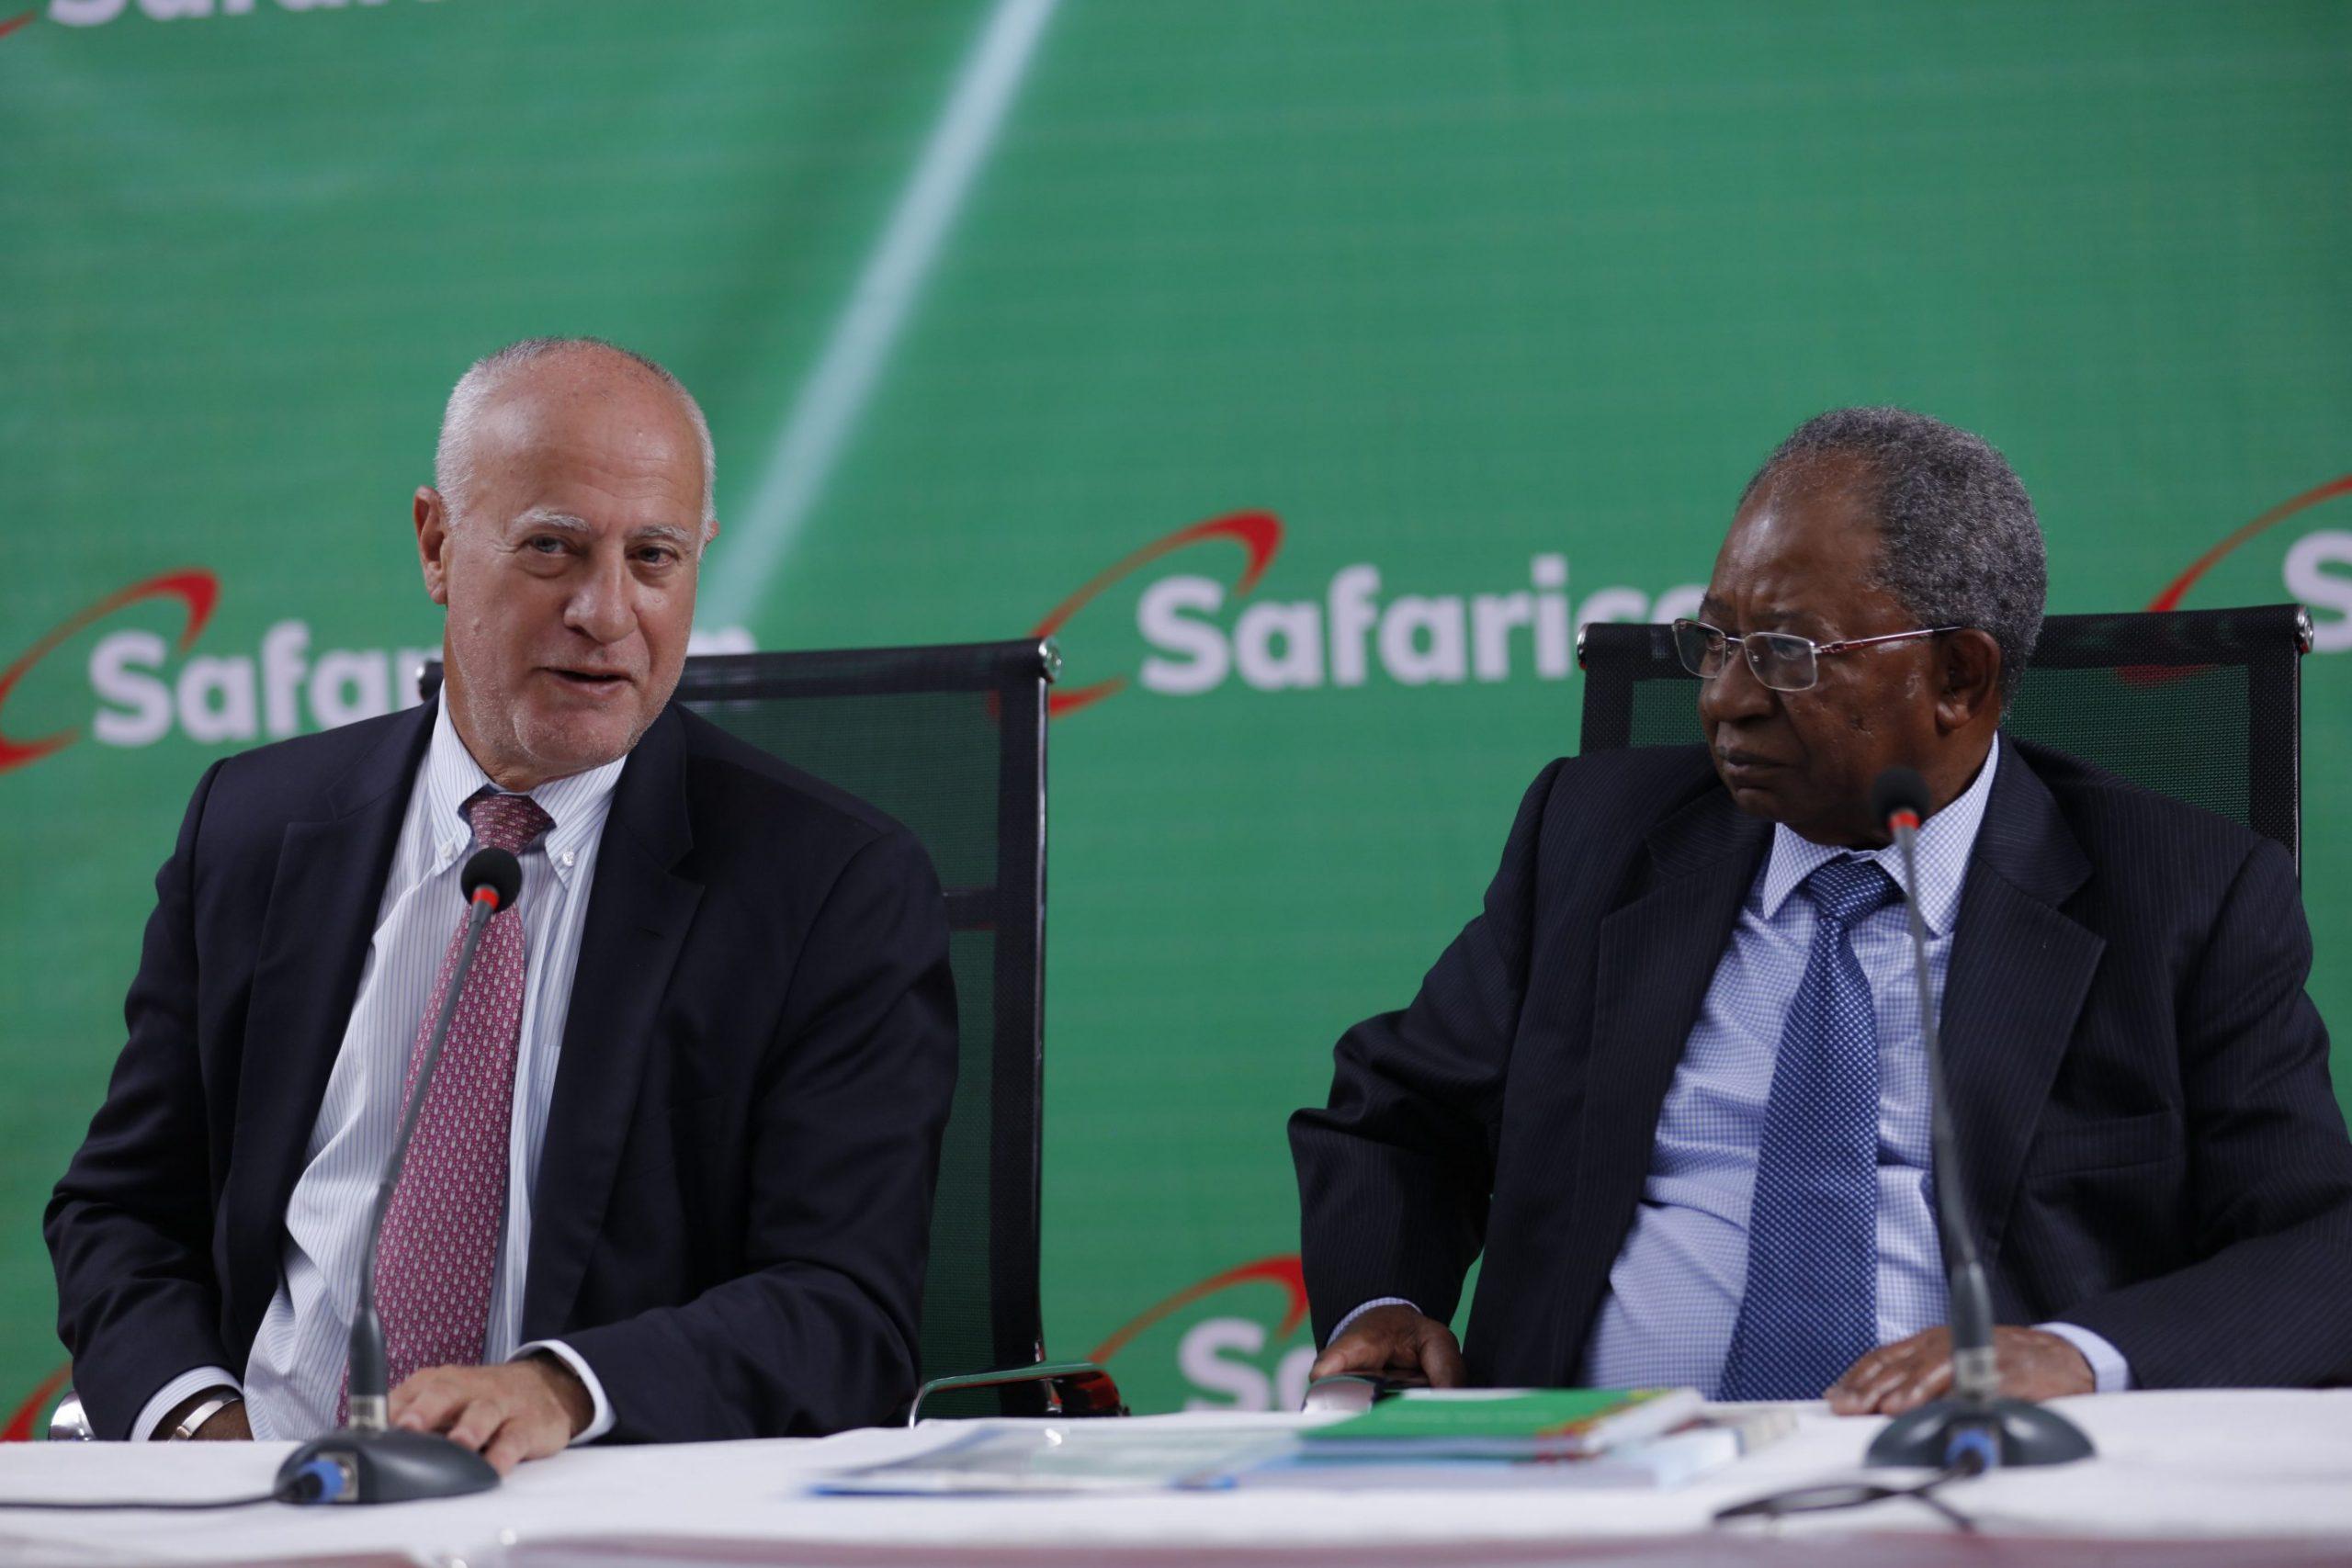 Michael Joseph ameteuliwa mwenyekiti mpya wa bodi ya Safaricom baada ya Nicholas Ng'ang'a kustaafu baada ya kuhudumu kwa miaka 16